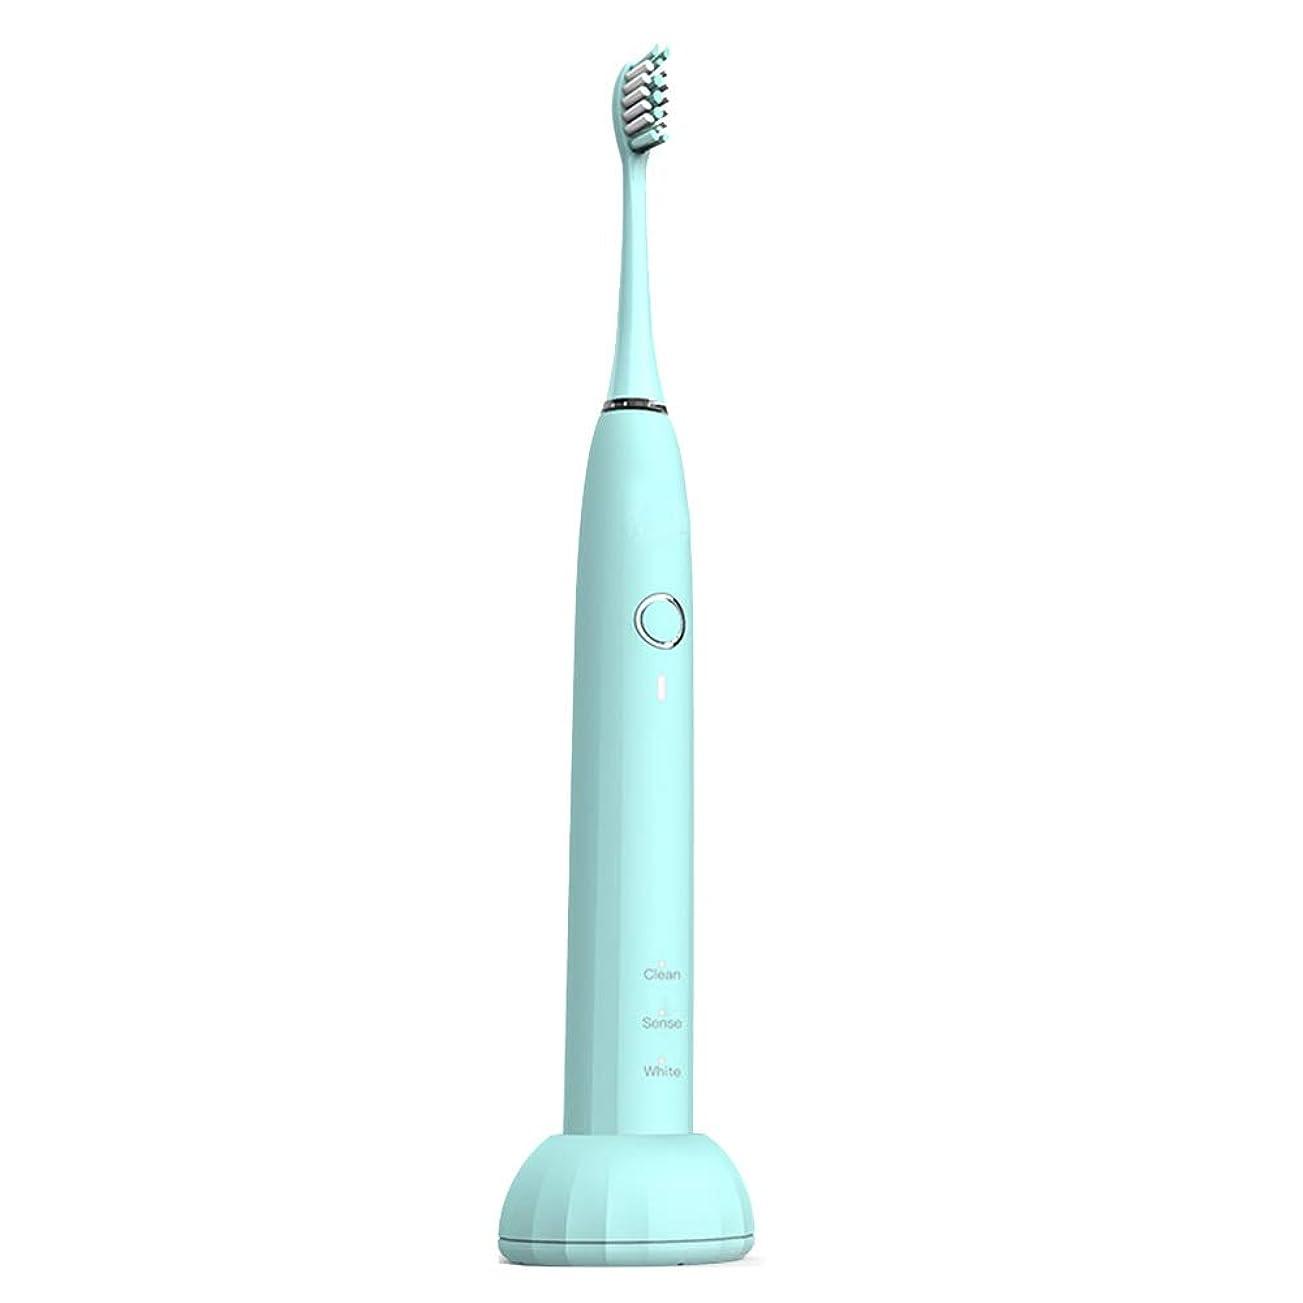 急性終わった責任者自動歯ブラシ 無線誘導充電ホルダーと4つの交換用ヘッド付き成人電動歯ブラシ (色 : ピンク, サイズ : Free size)